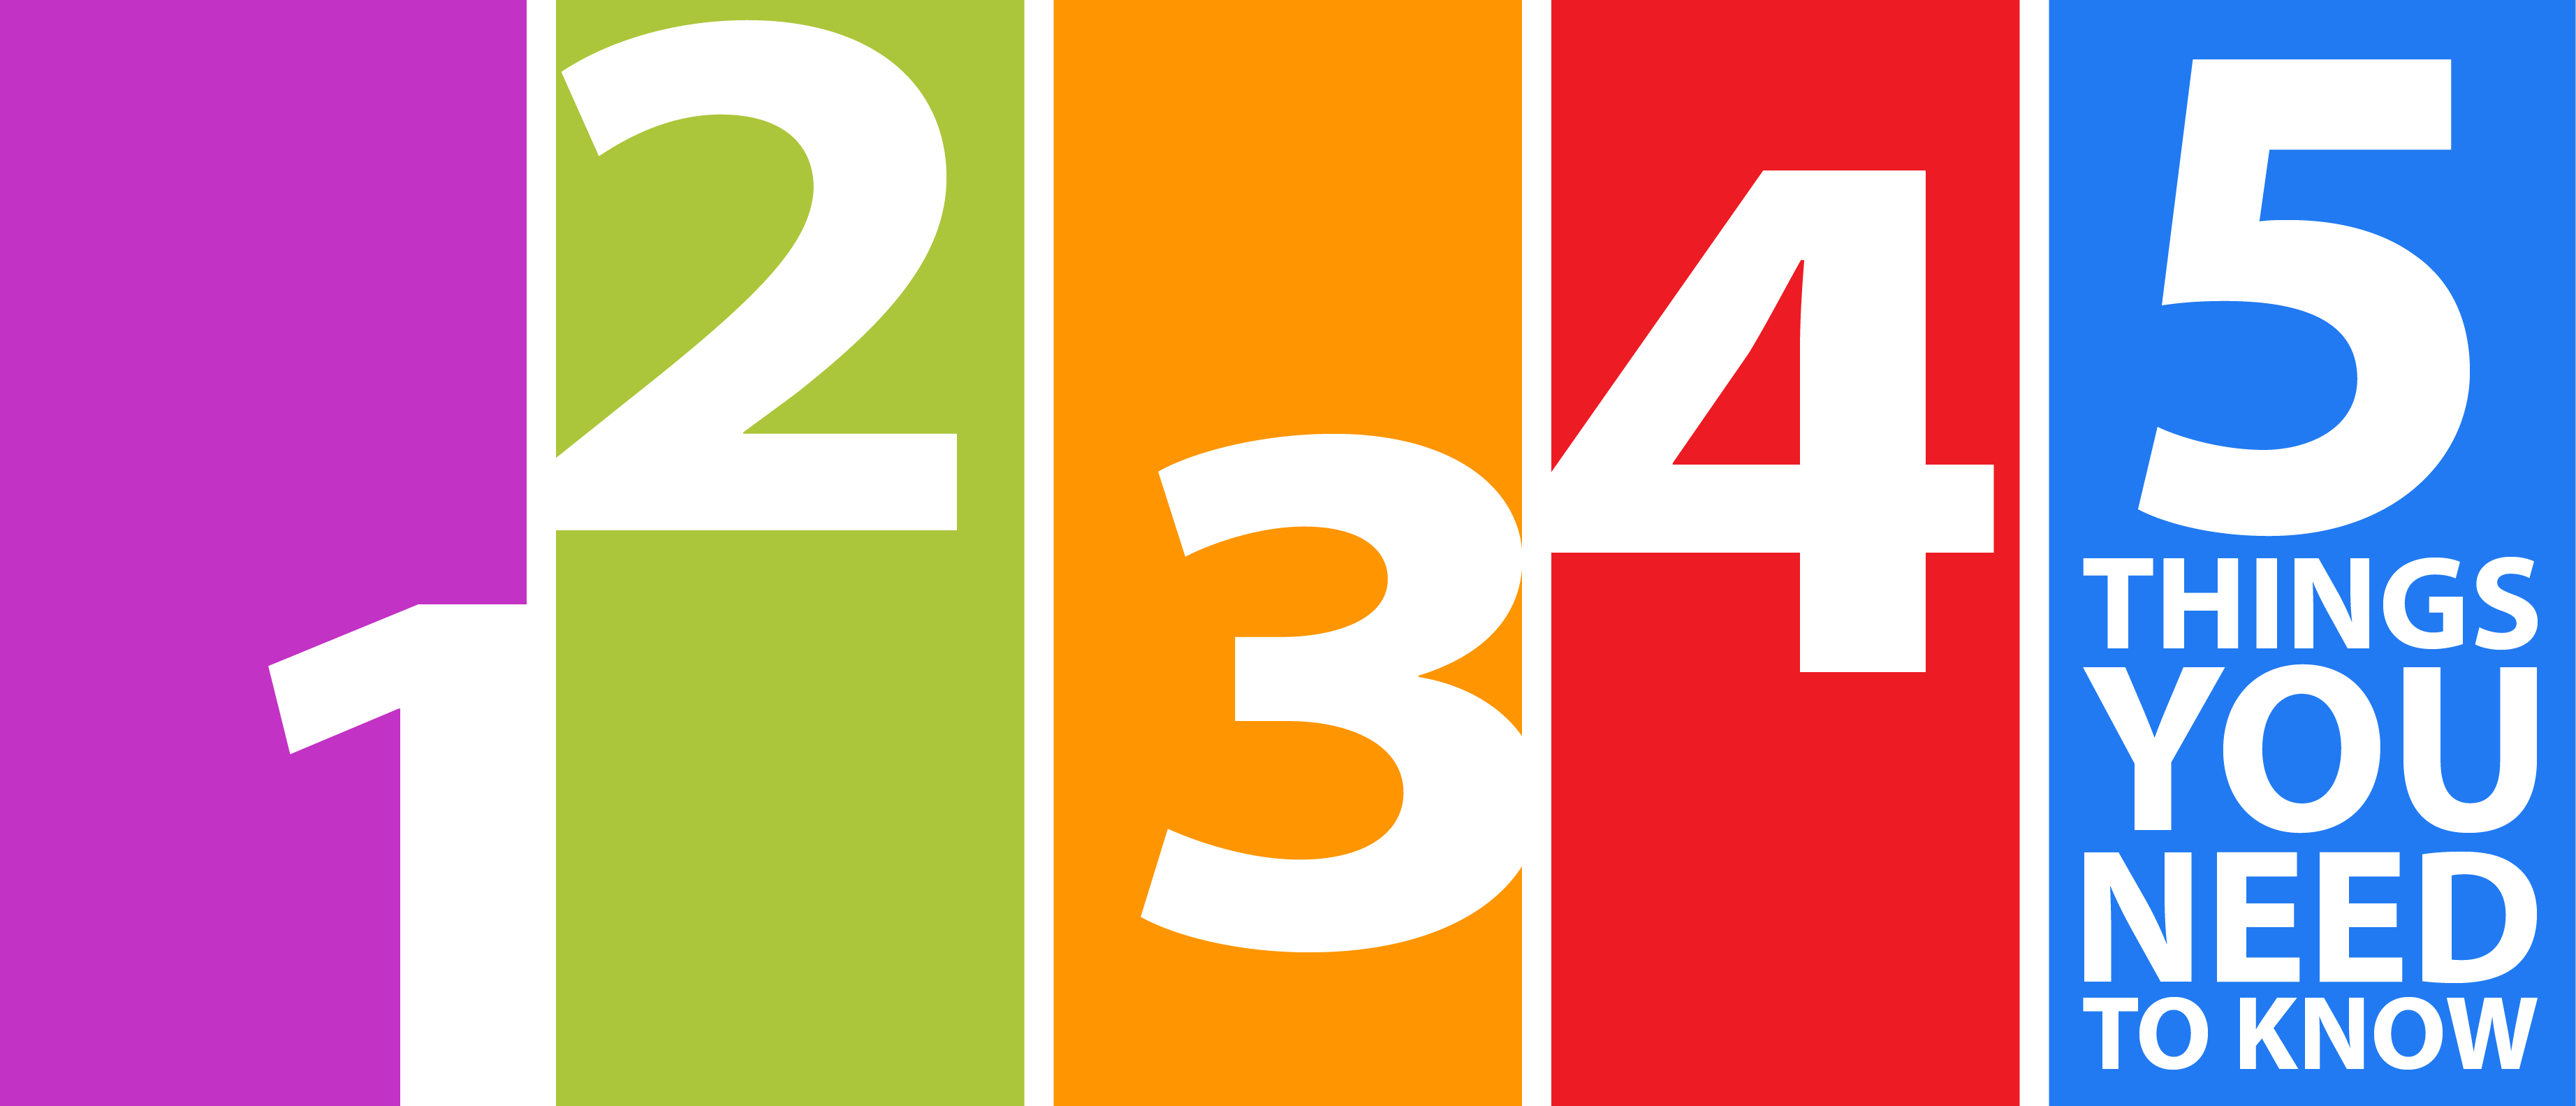 Five-Things-List-03